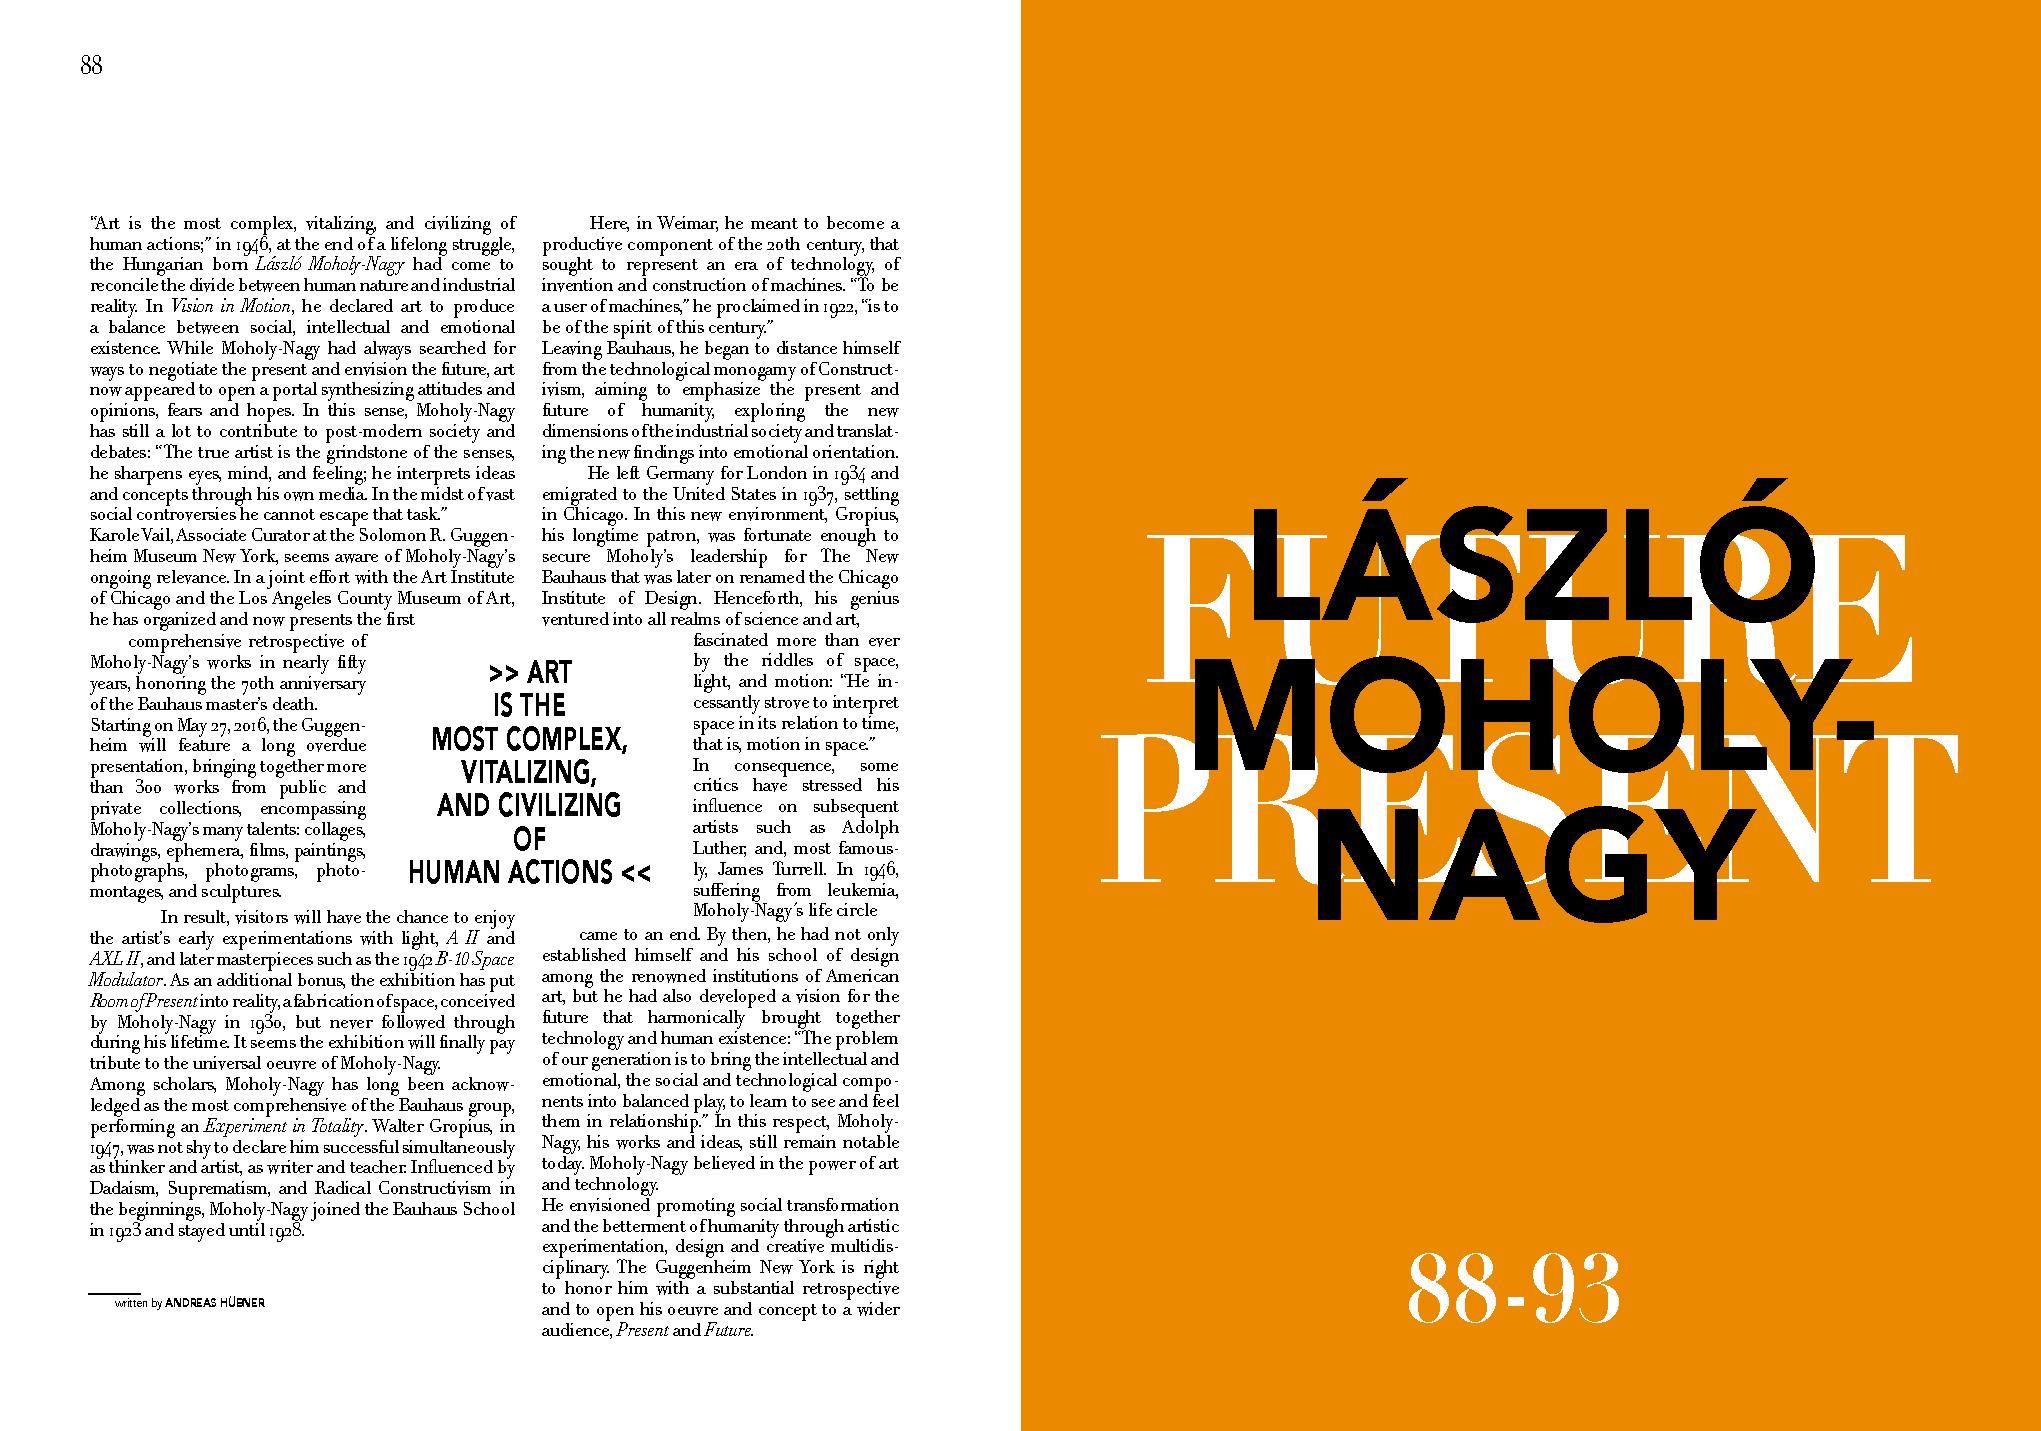 LE MILE MAGAZINE pages 88-89.jpg